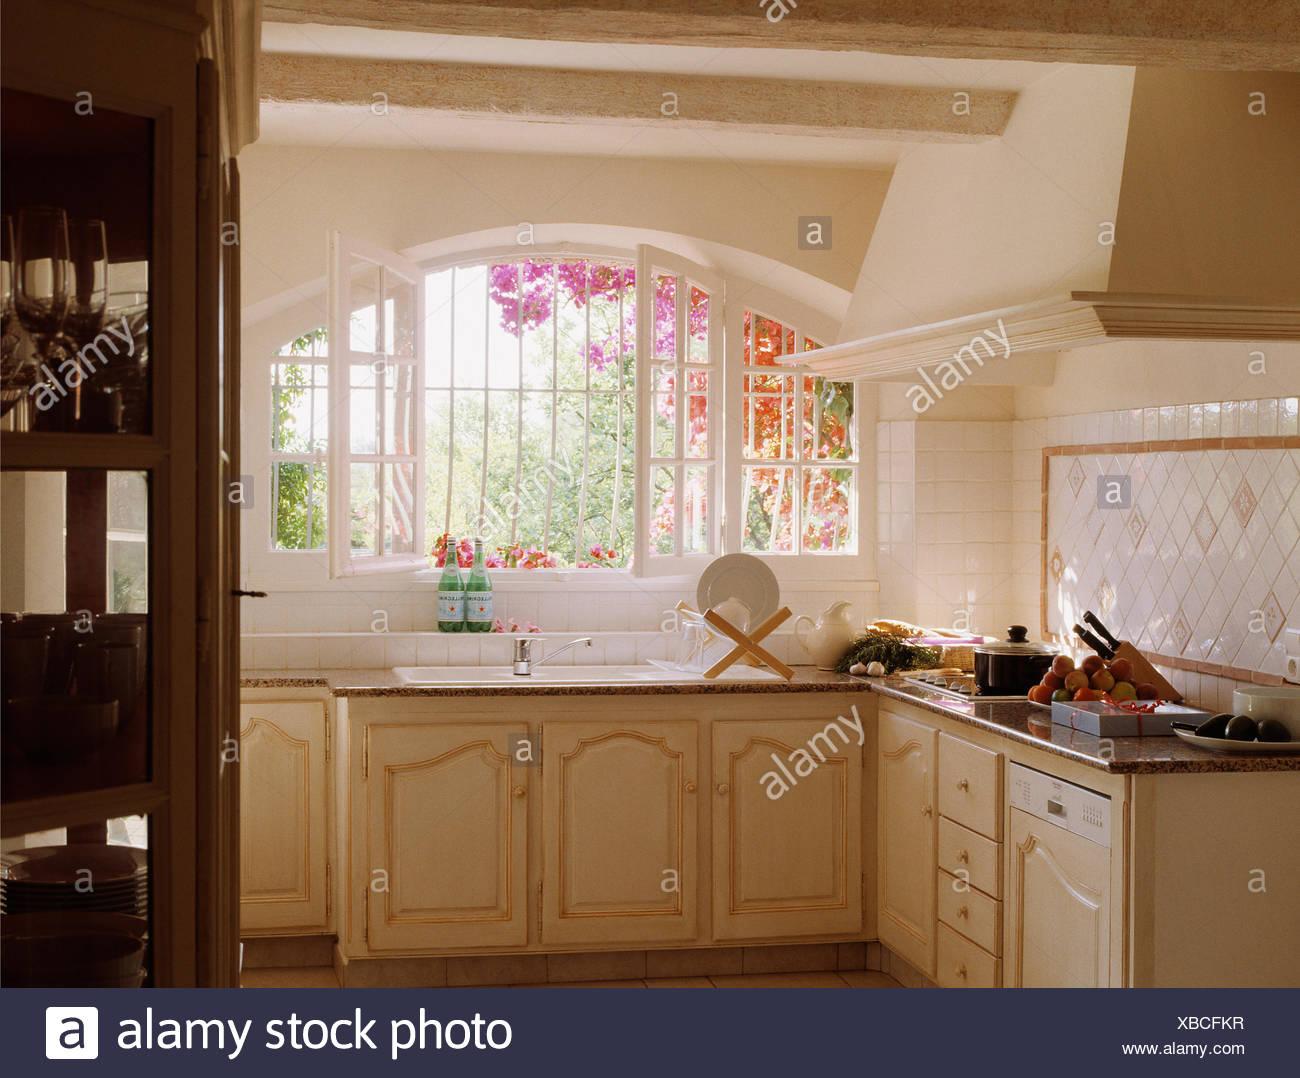 Fantastisch Land Französisch Küche Bilder - Ideen Für Die Küche ...